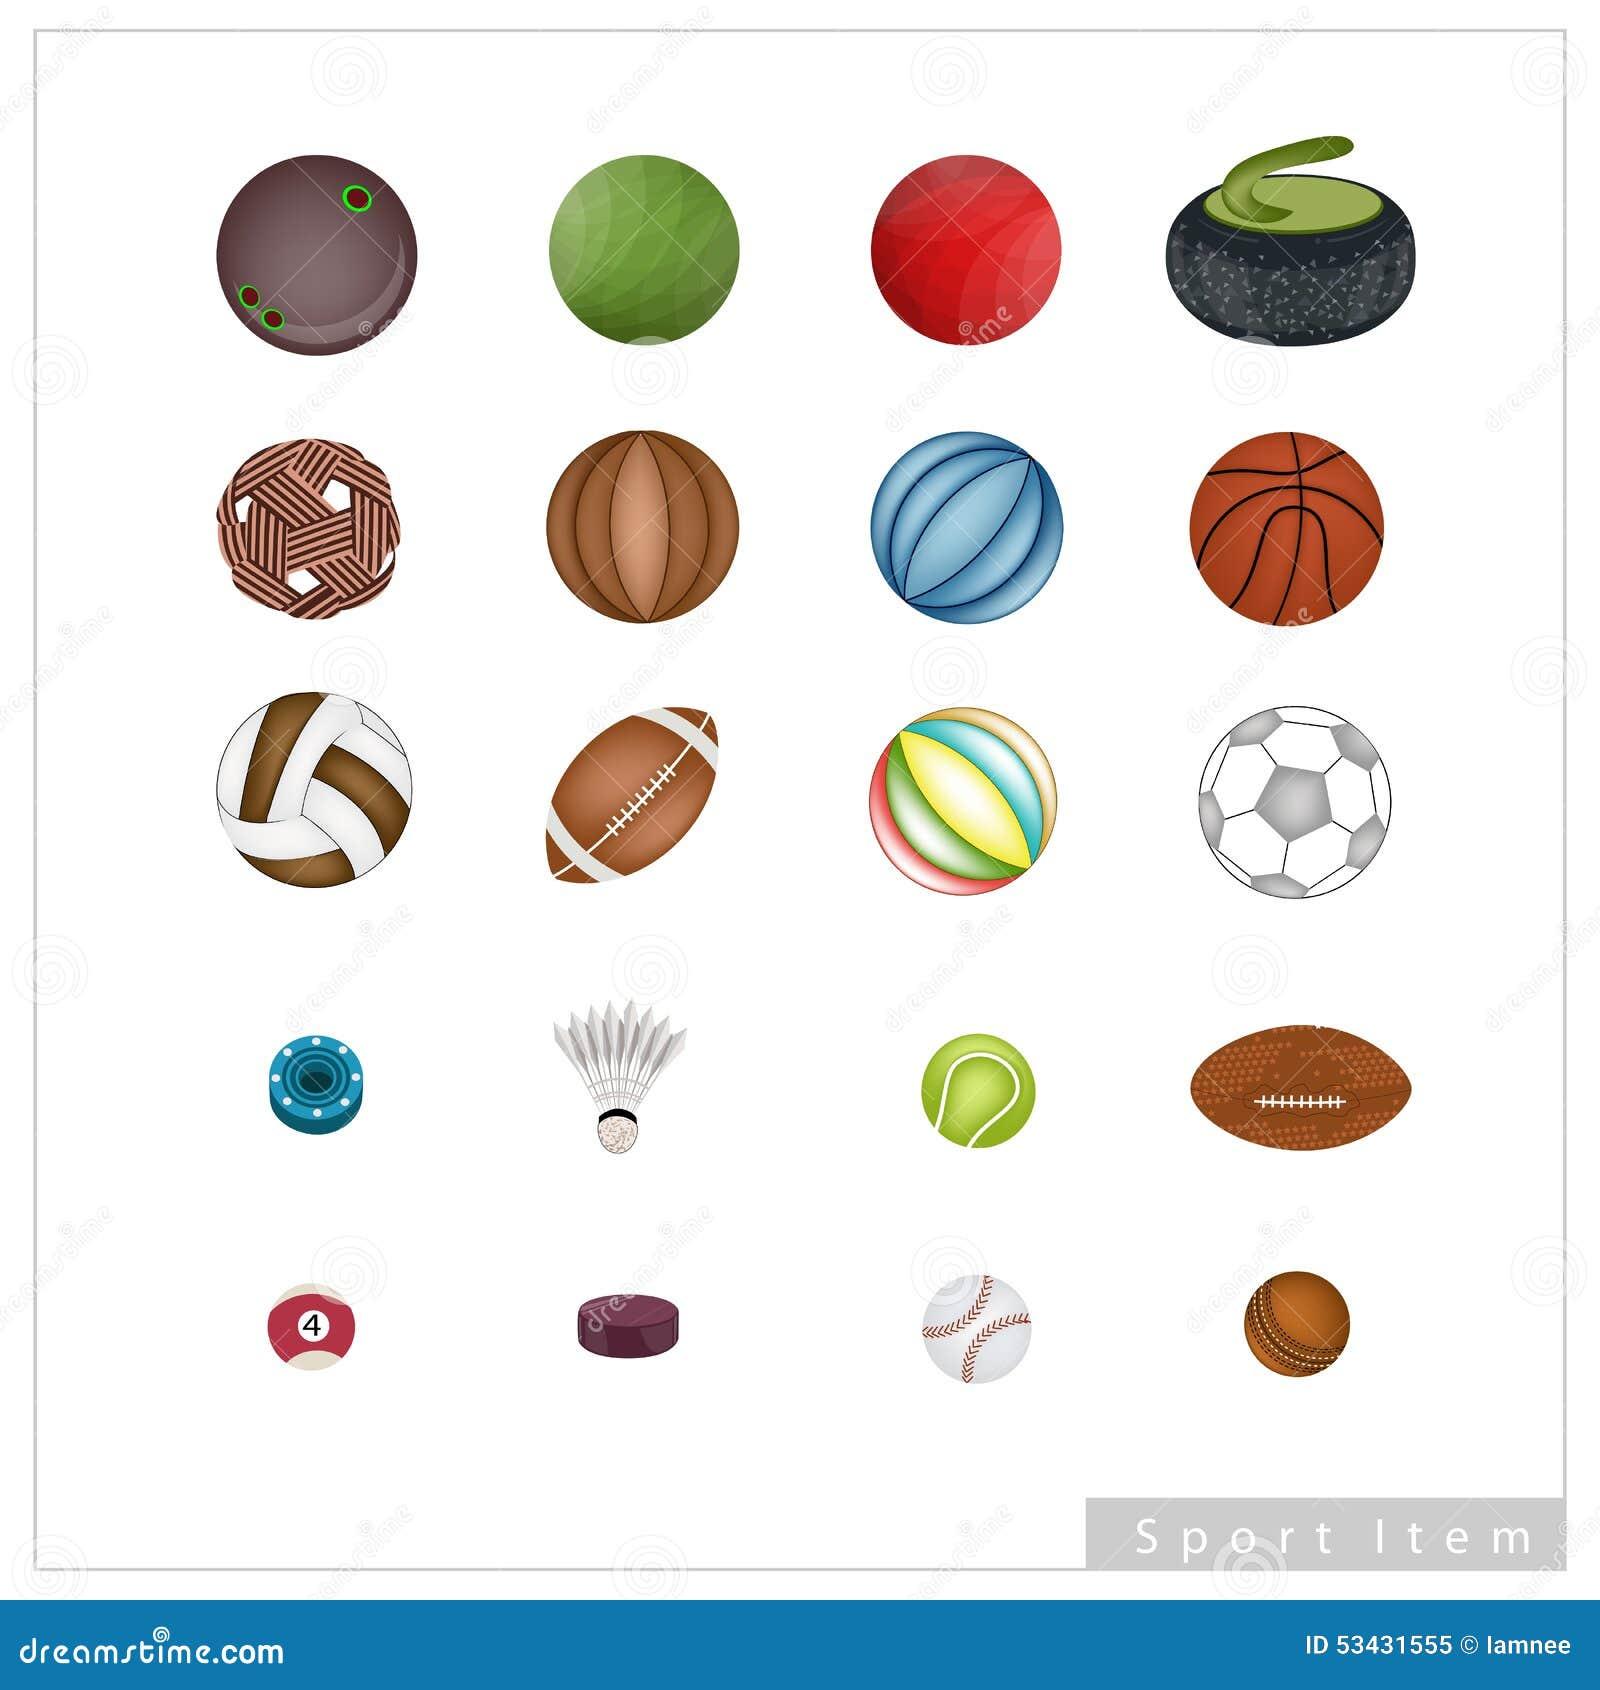 dbb548624 Coleção De Artigos Do Esporte No Fundo Branco Ilustração do Vetor ...